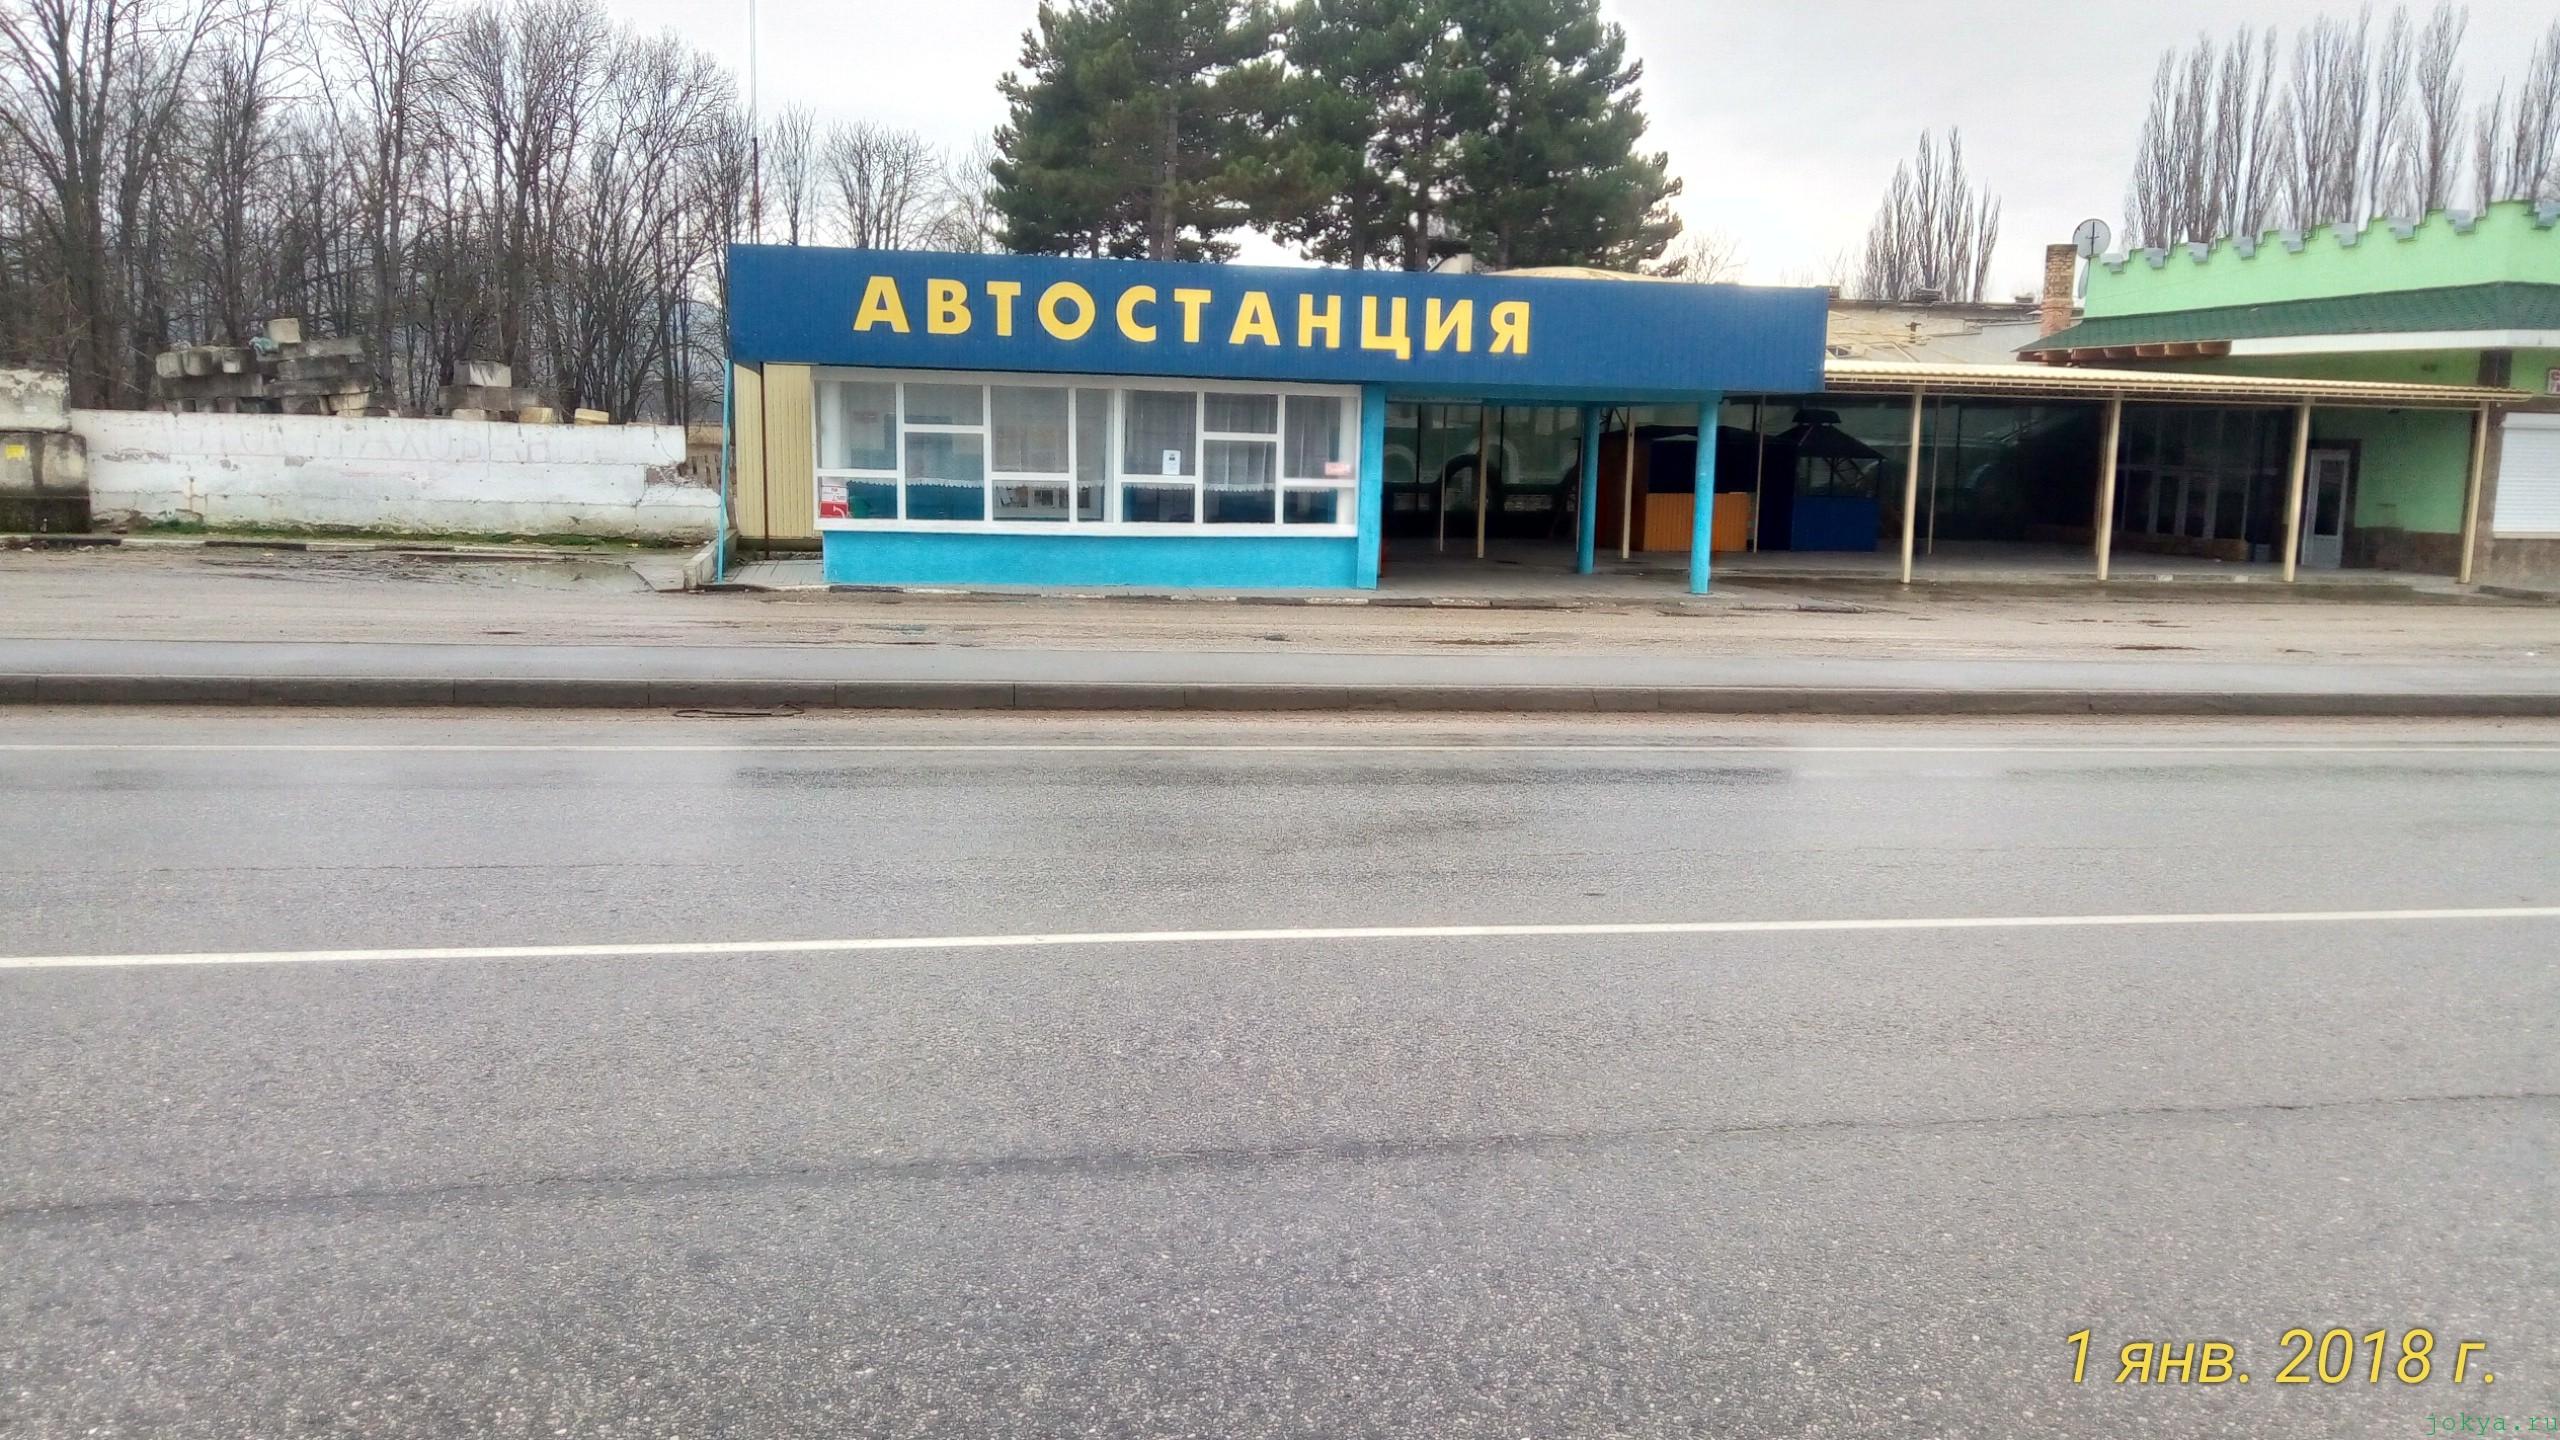 Крым село Богатое фотография 1 января 2018 года фото заметка из моей реальности в Крыму jokya.ru